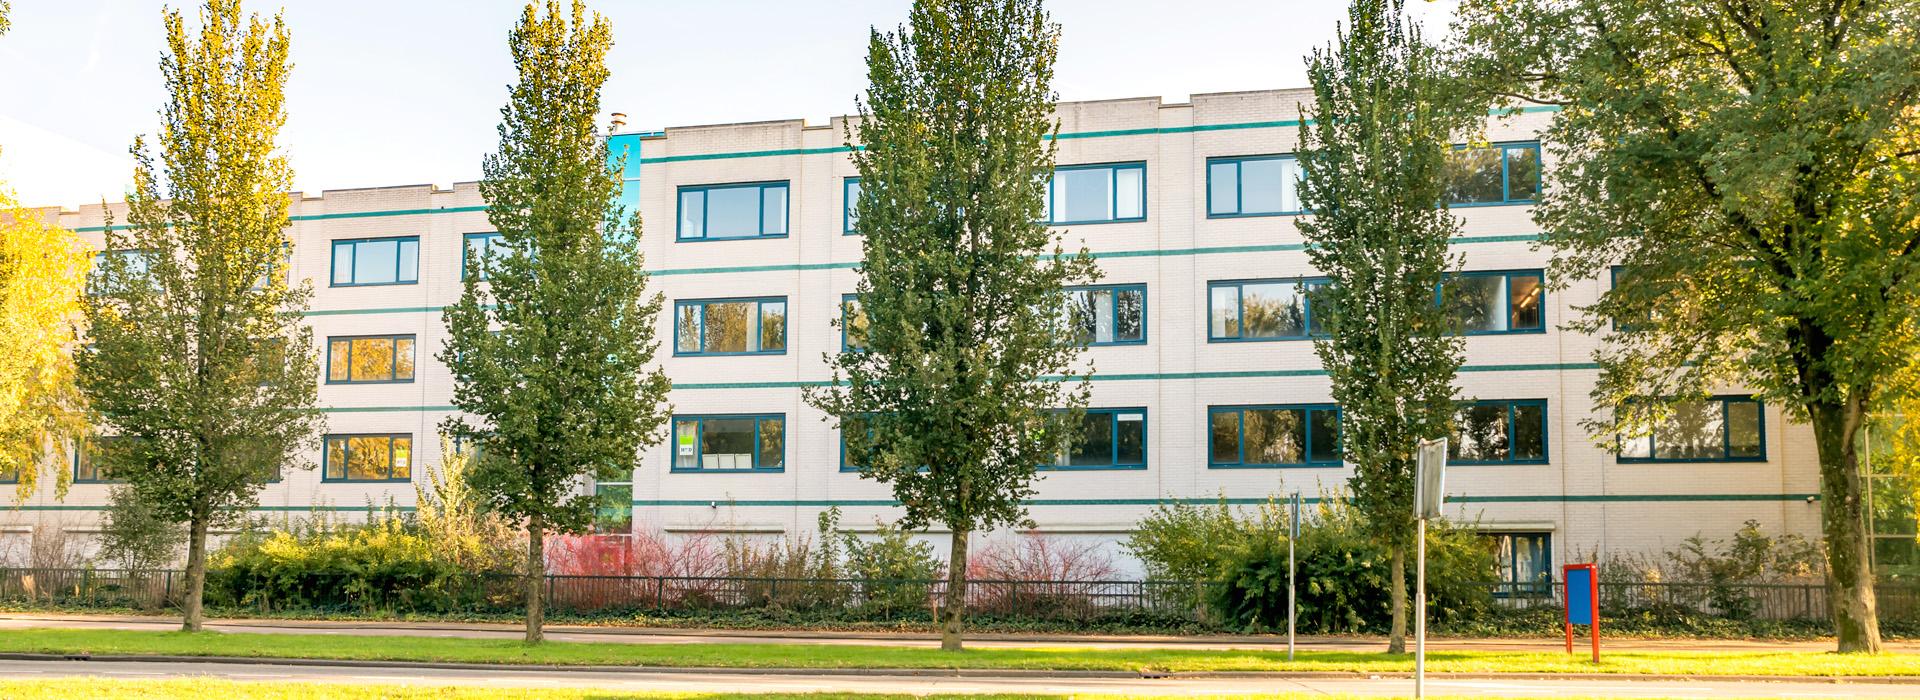 einstein residential building